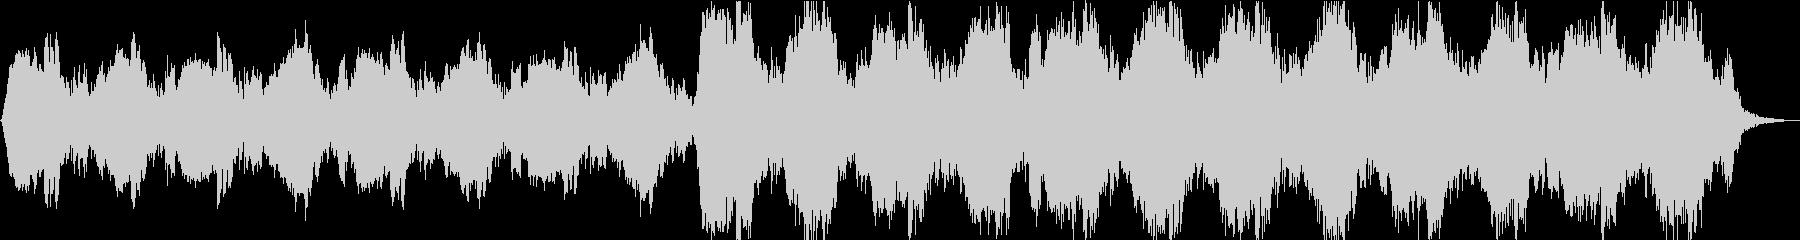 アンビエントなホラー曲の未再生の波形